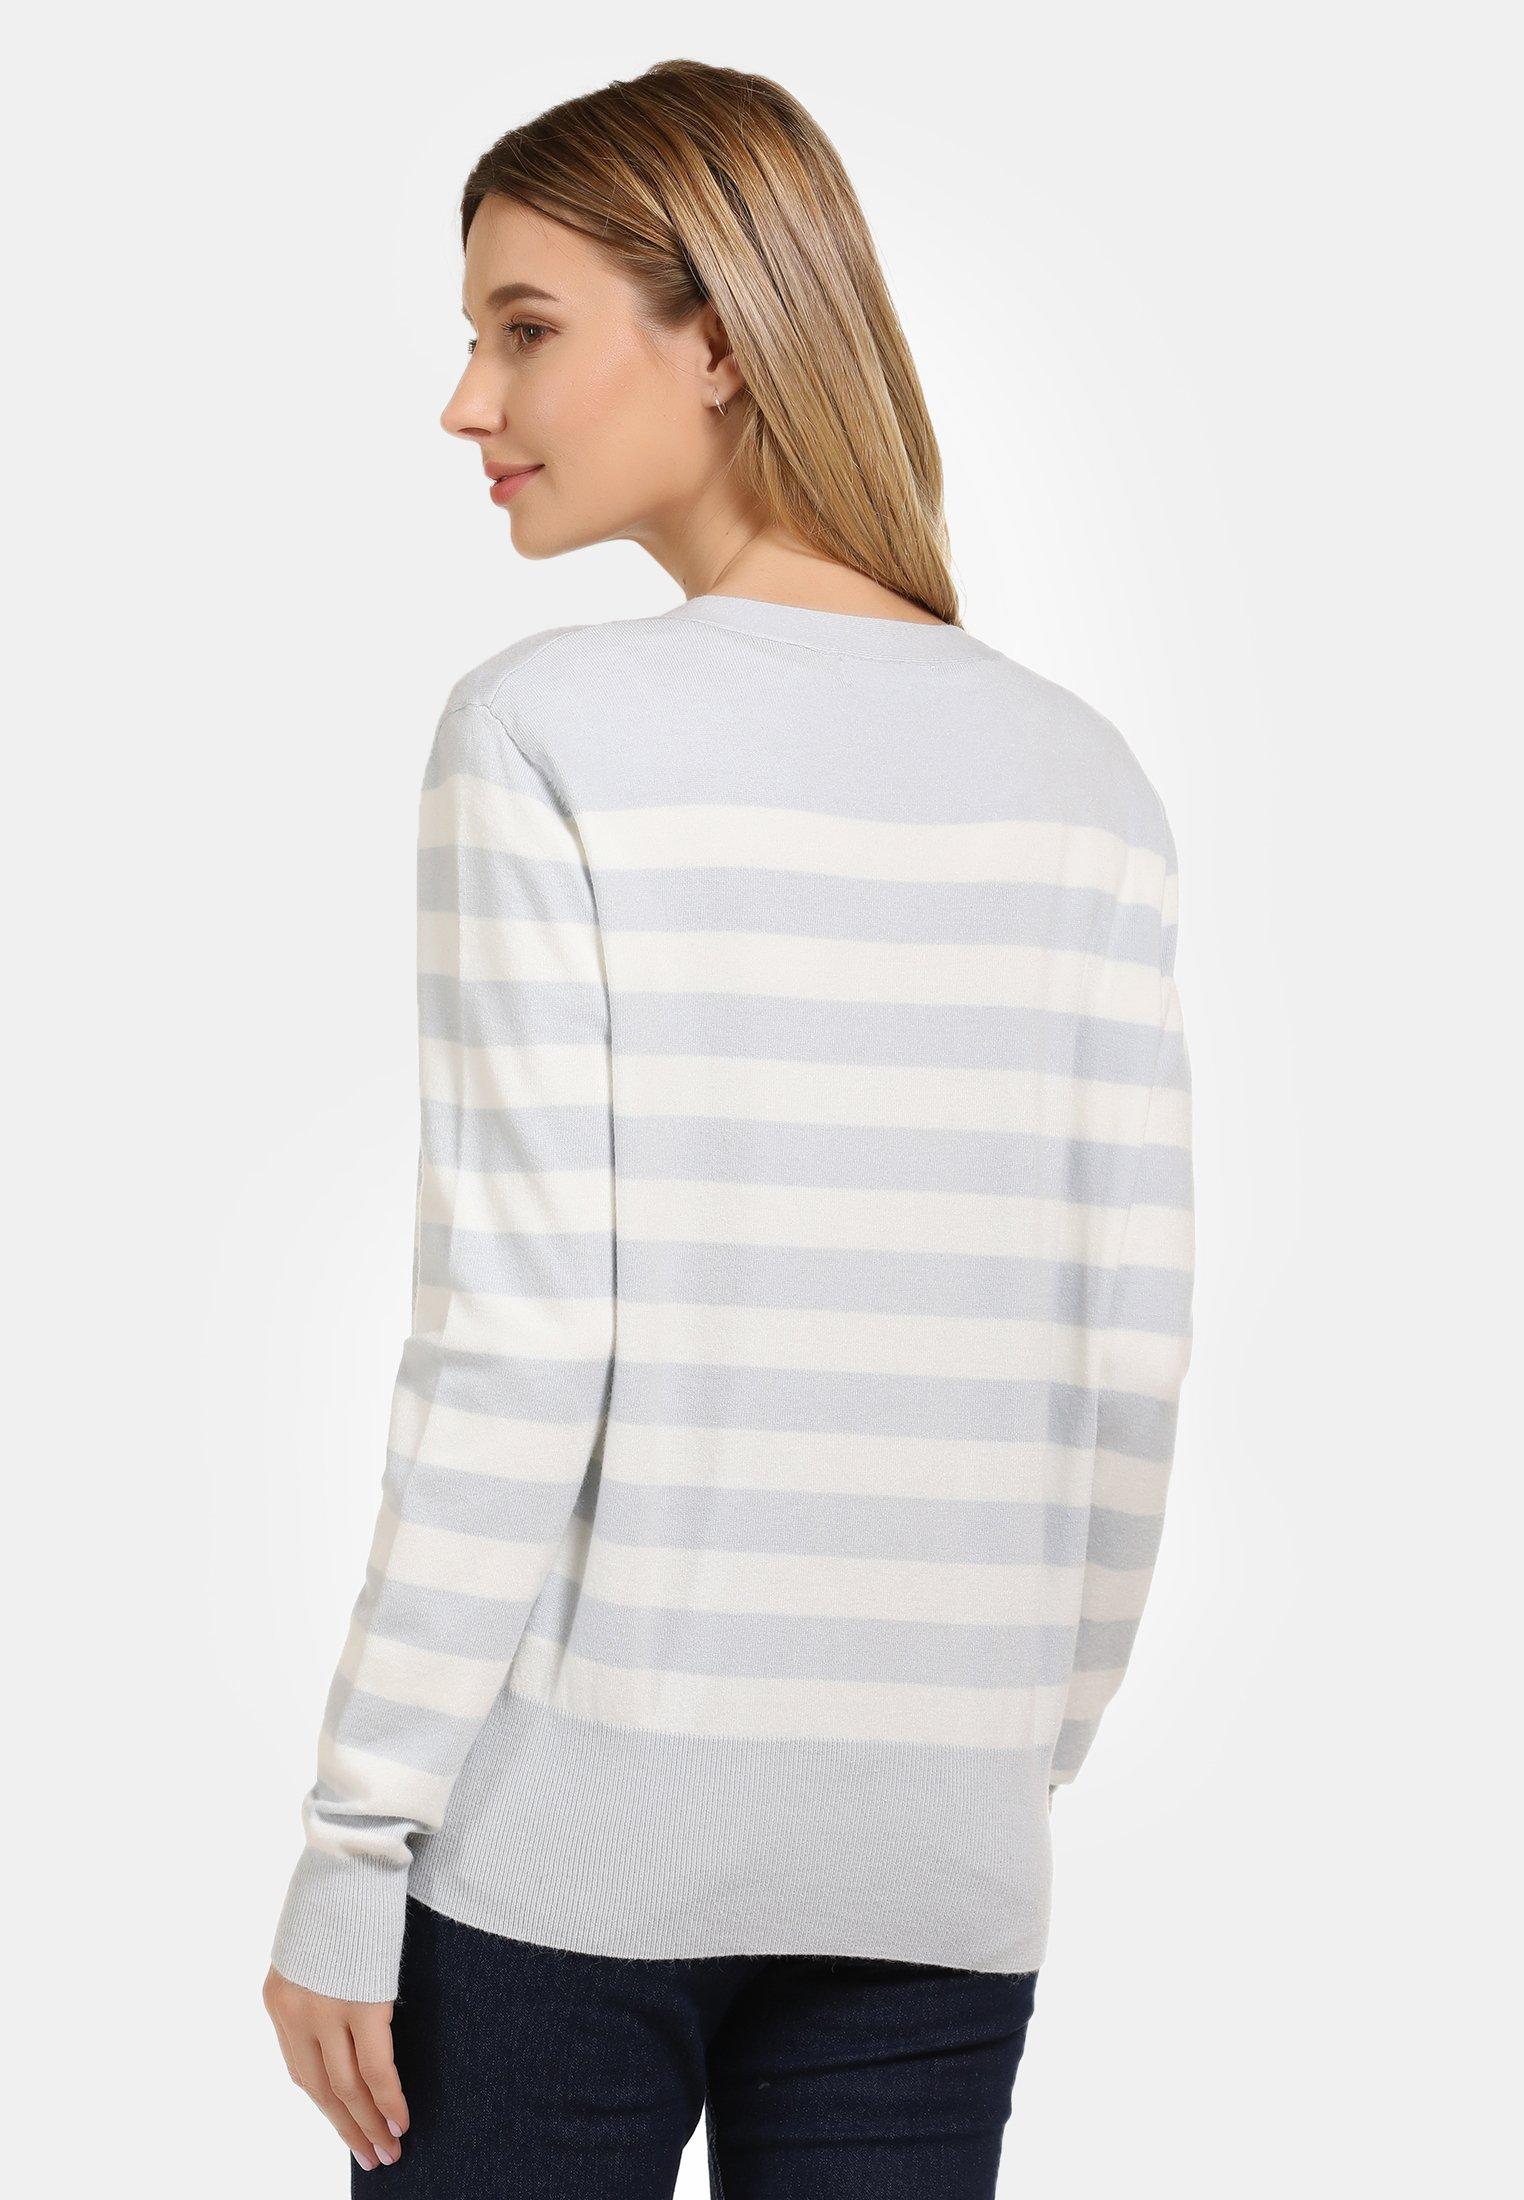 Factory Price Women's Clothing usha Cardigan light blue\ off-white xGmS2XzS9